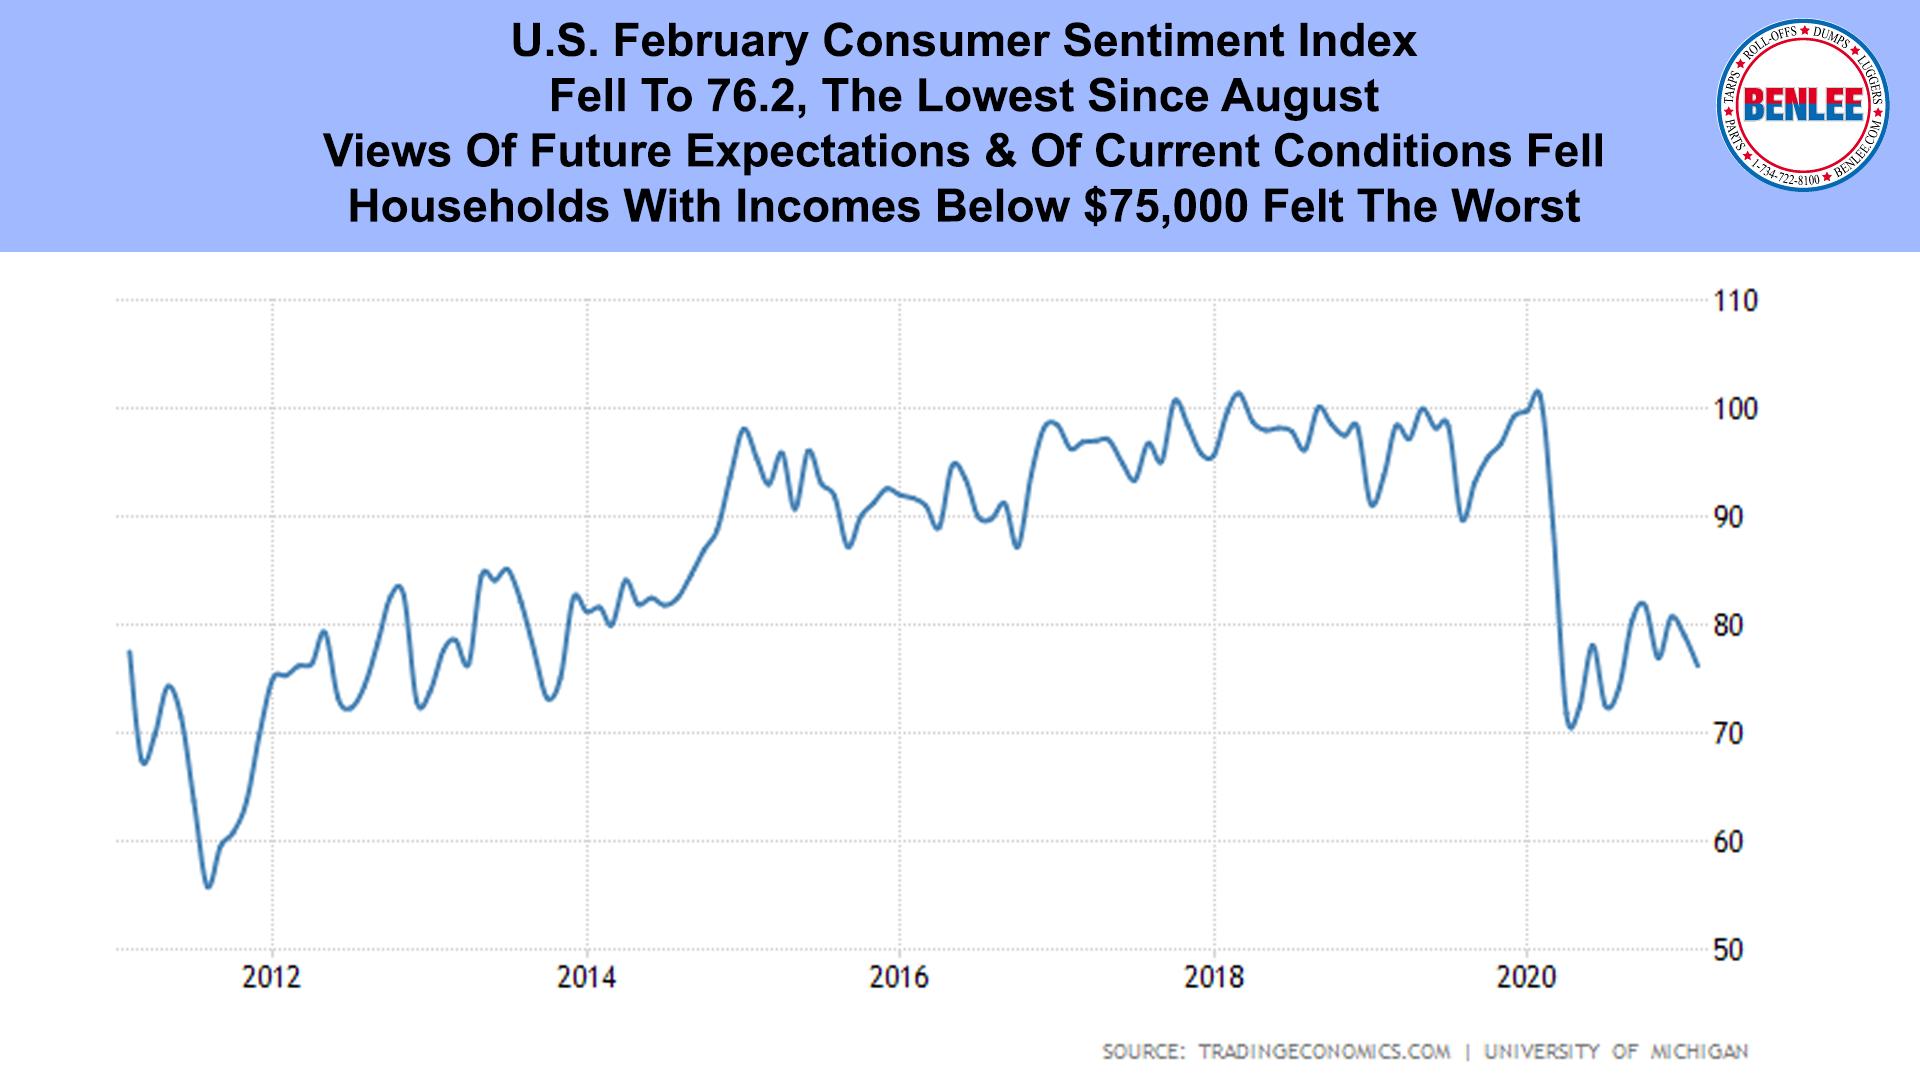 U.S. February Consumer Sentiment Index